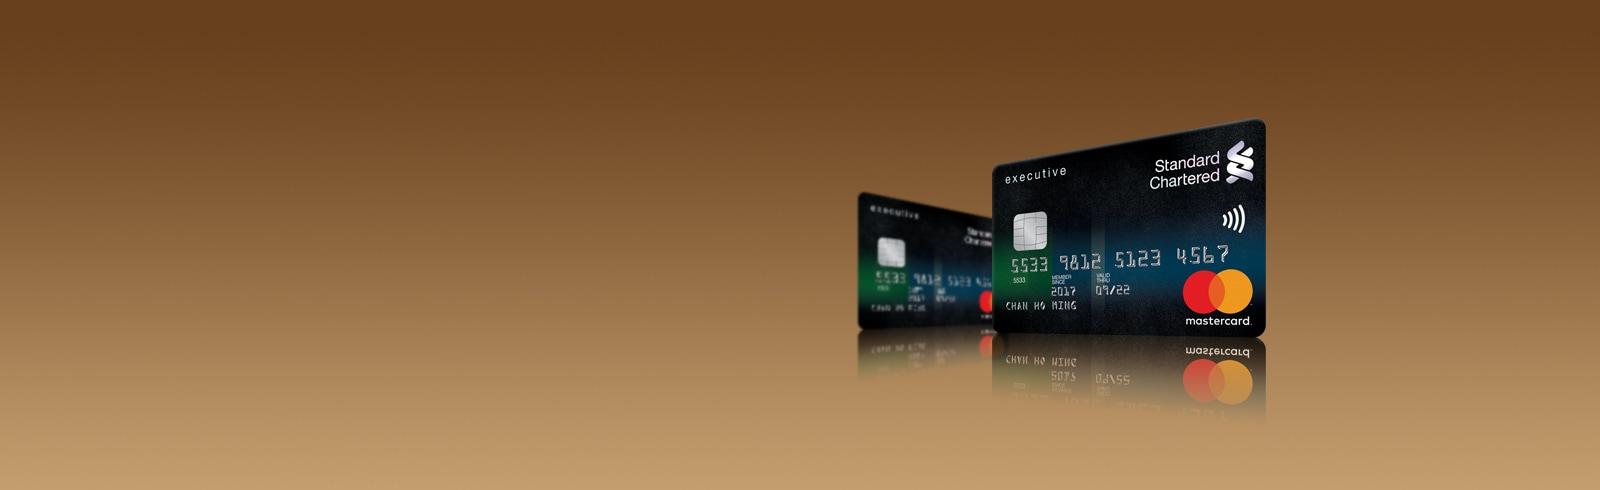 Creditcard banner executive